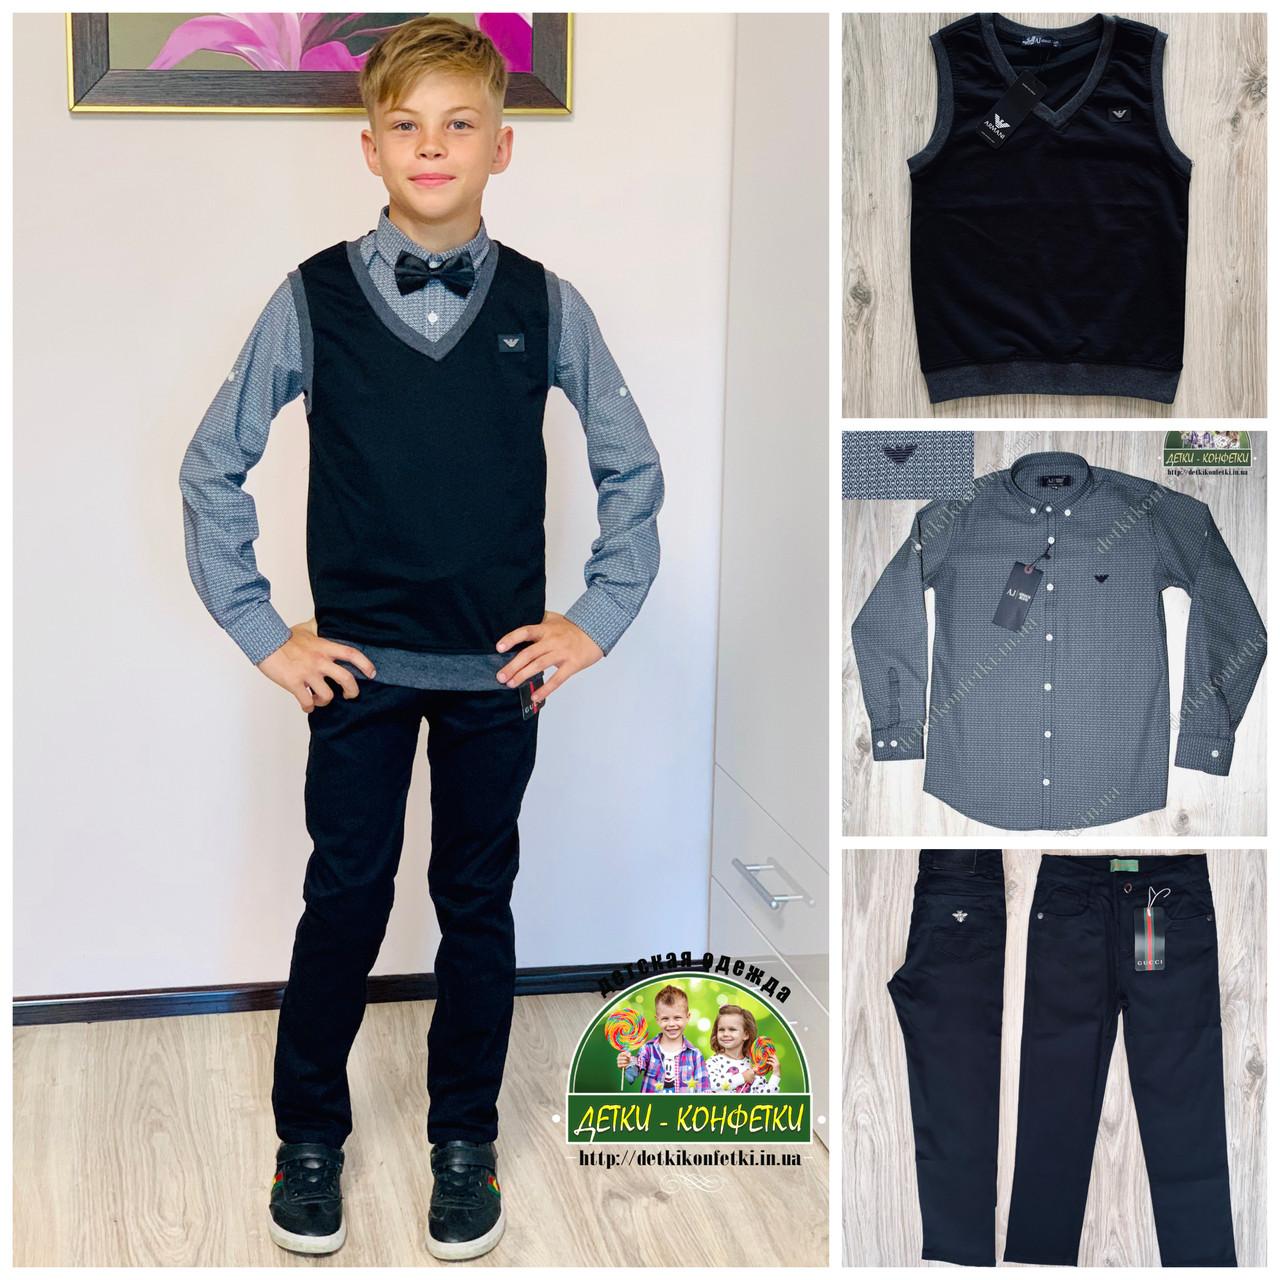 Элегантный костюм для мальчика: рубашка, брюки и жилетка